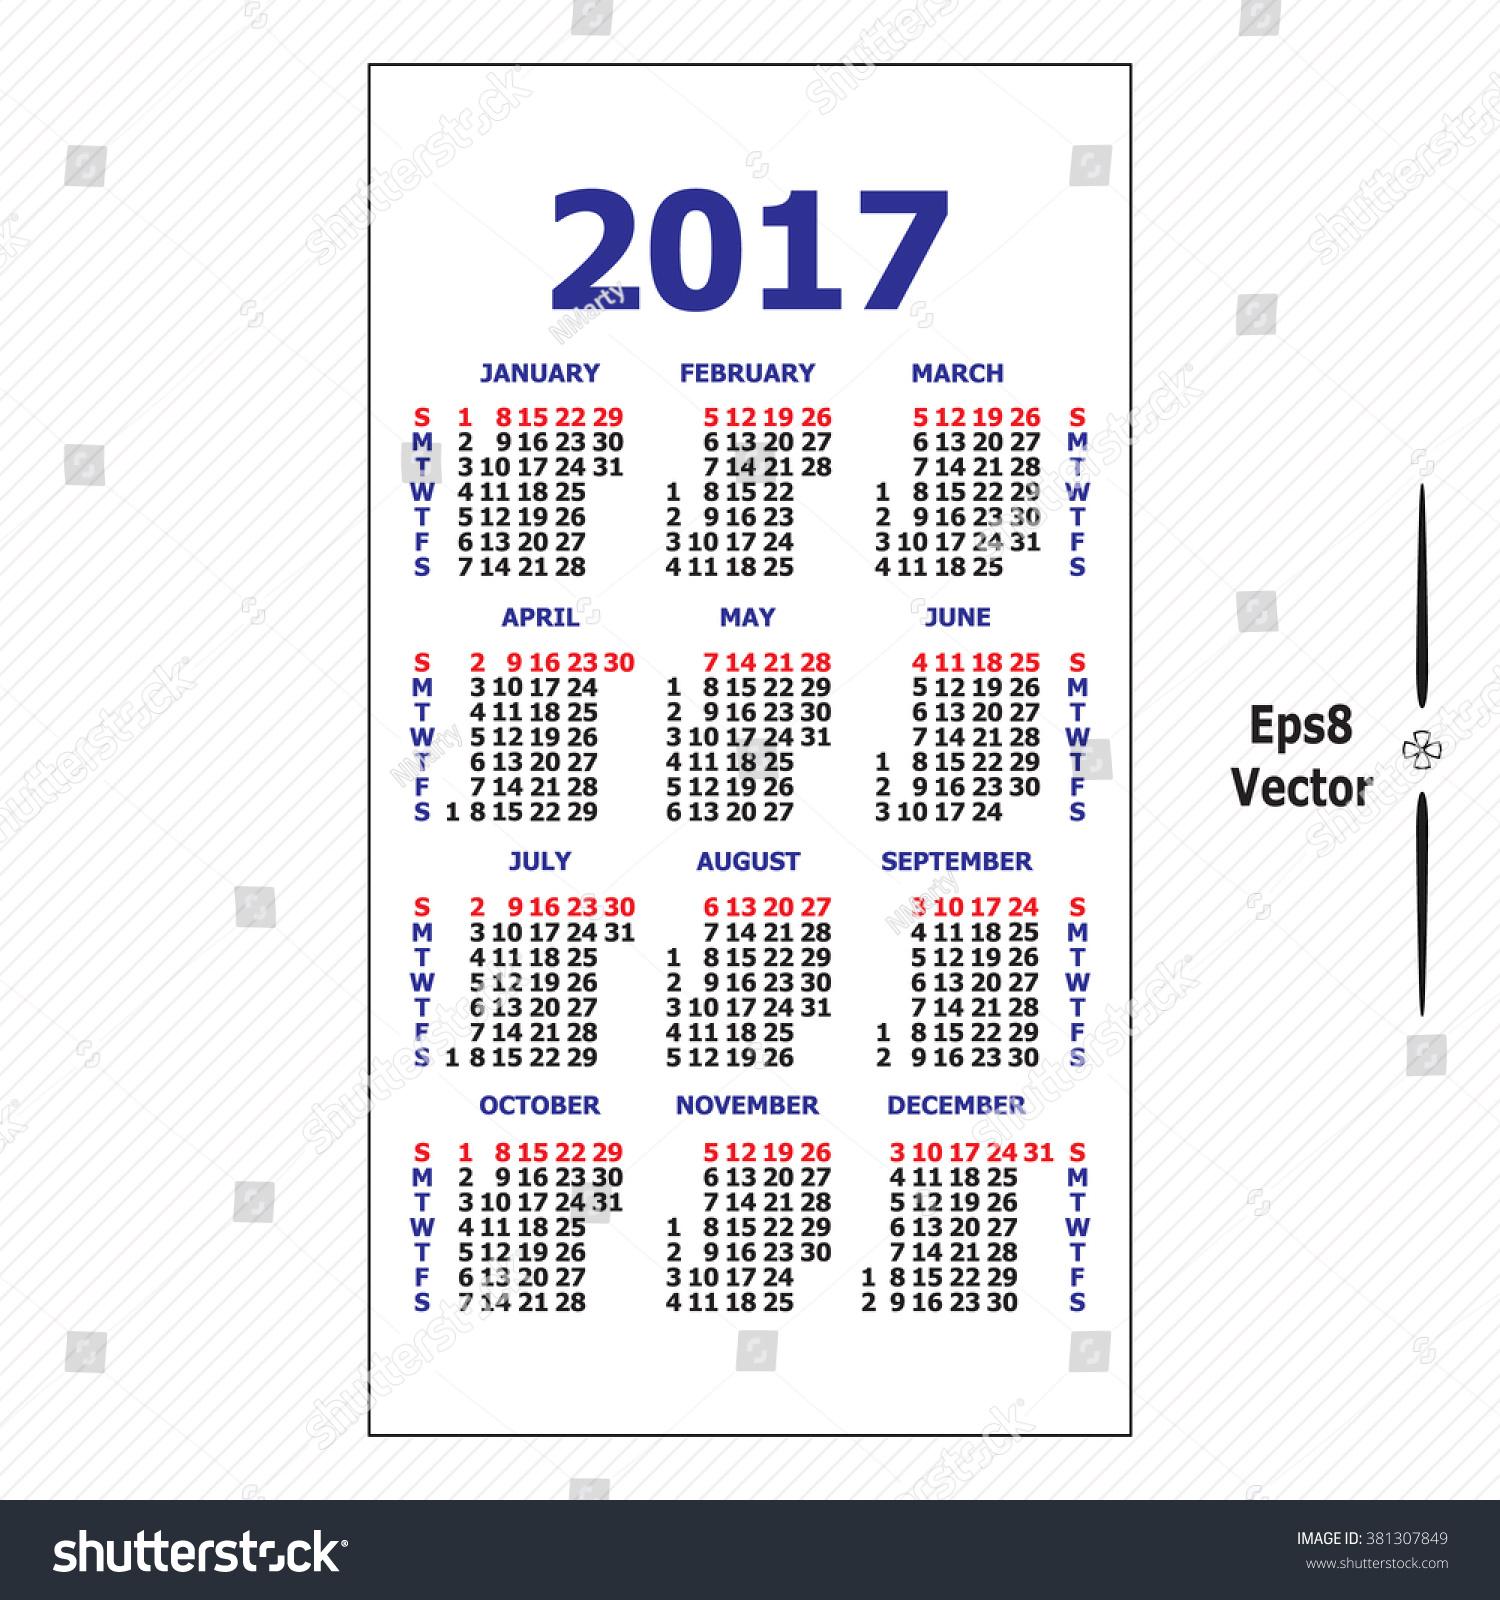 calendar. Template calendar grid. Vertical orientation of days of week ...